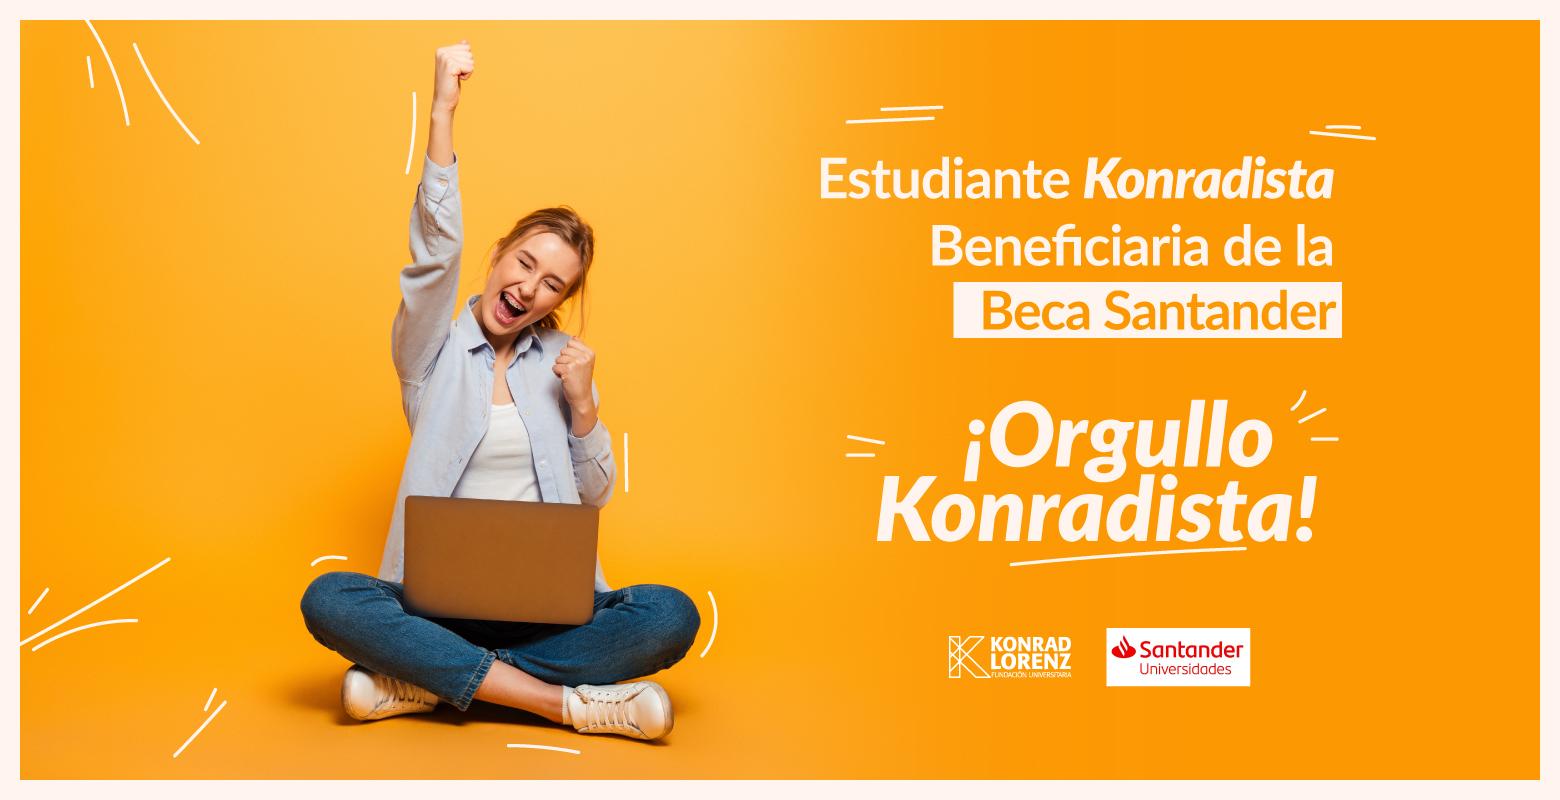 Estudiante Konradista Beneficiaria de la Beca Santander